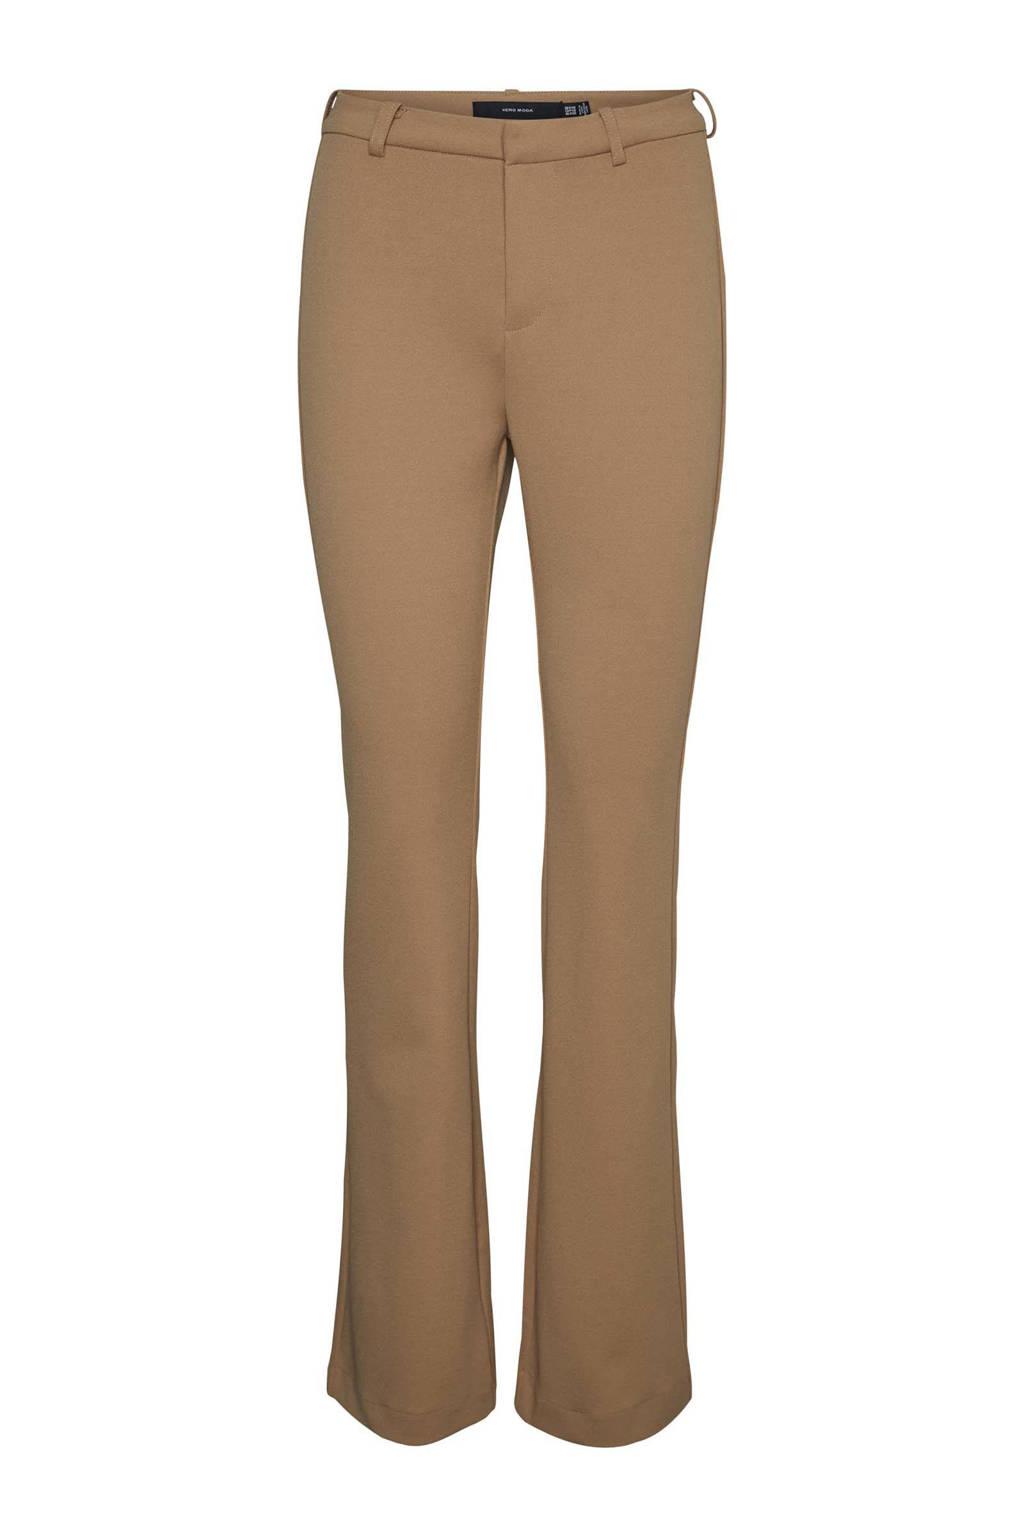 VERO MODA flared pantalon VMAMIRA camel, Camel